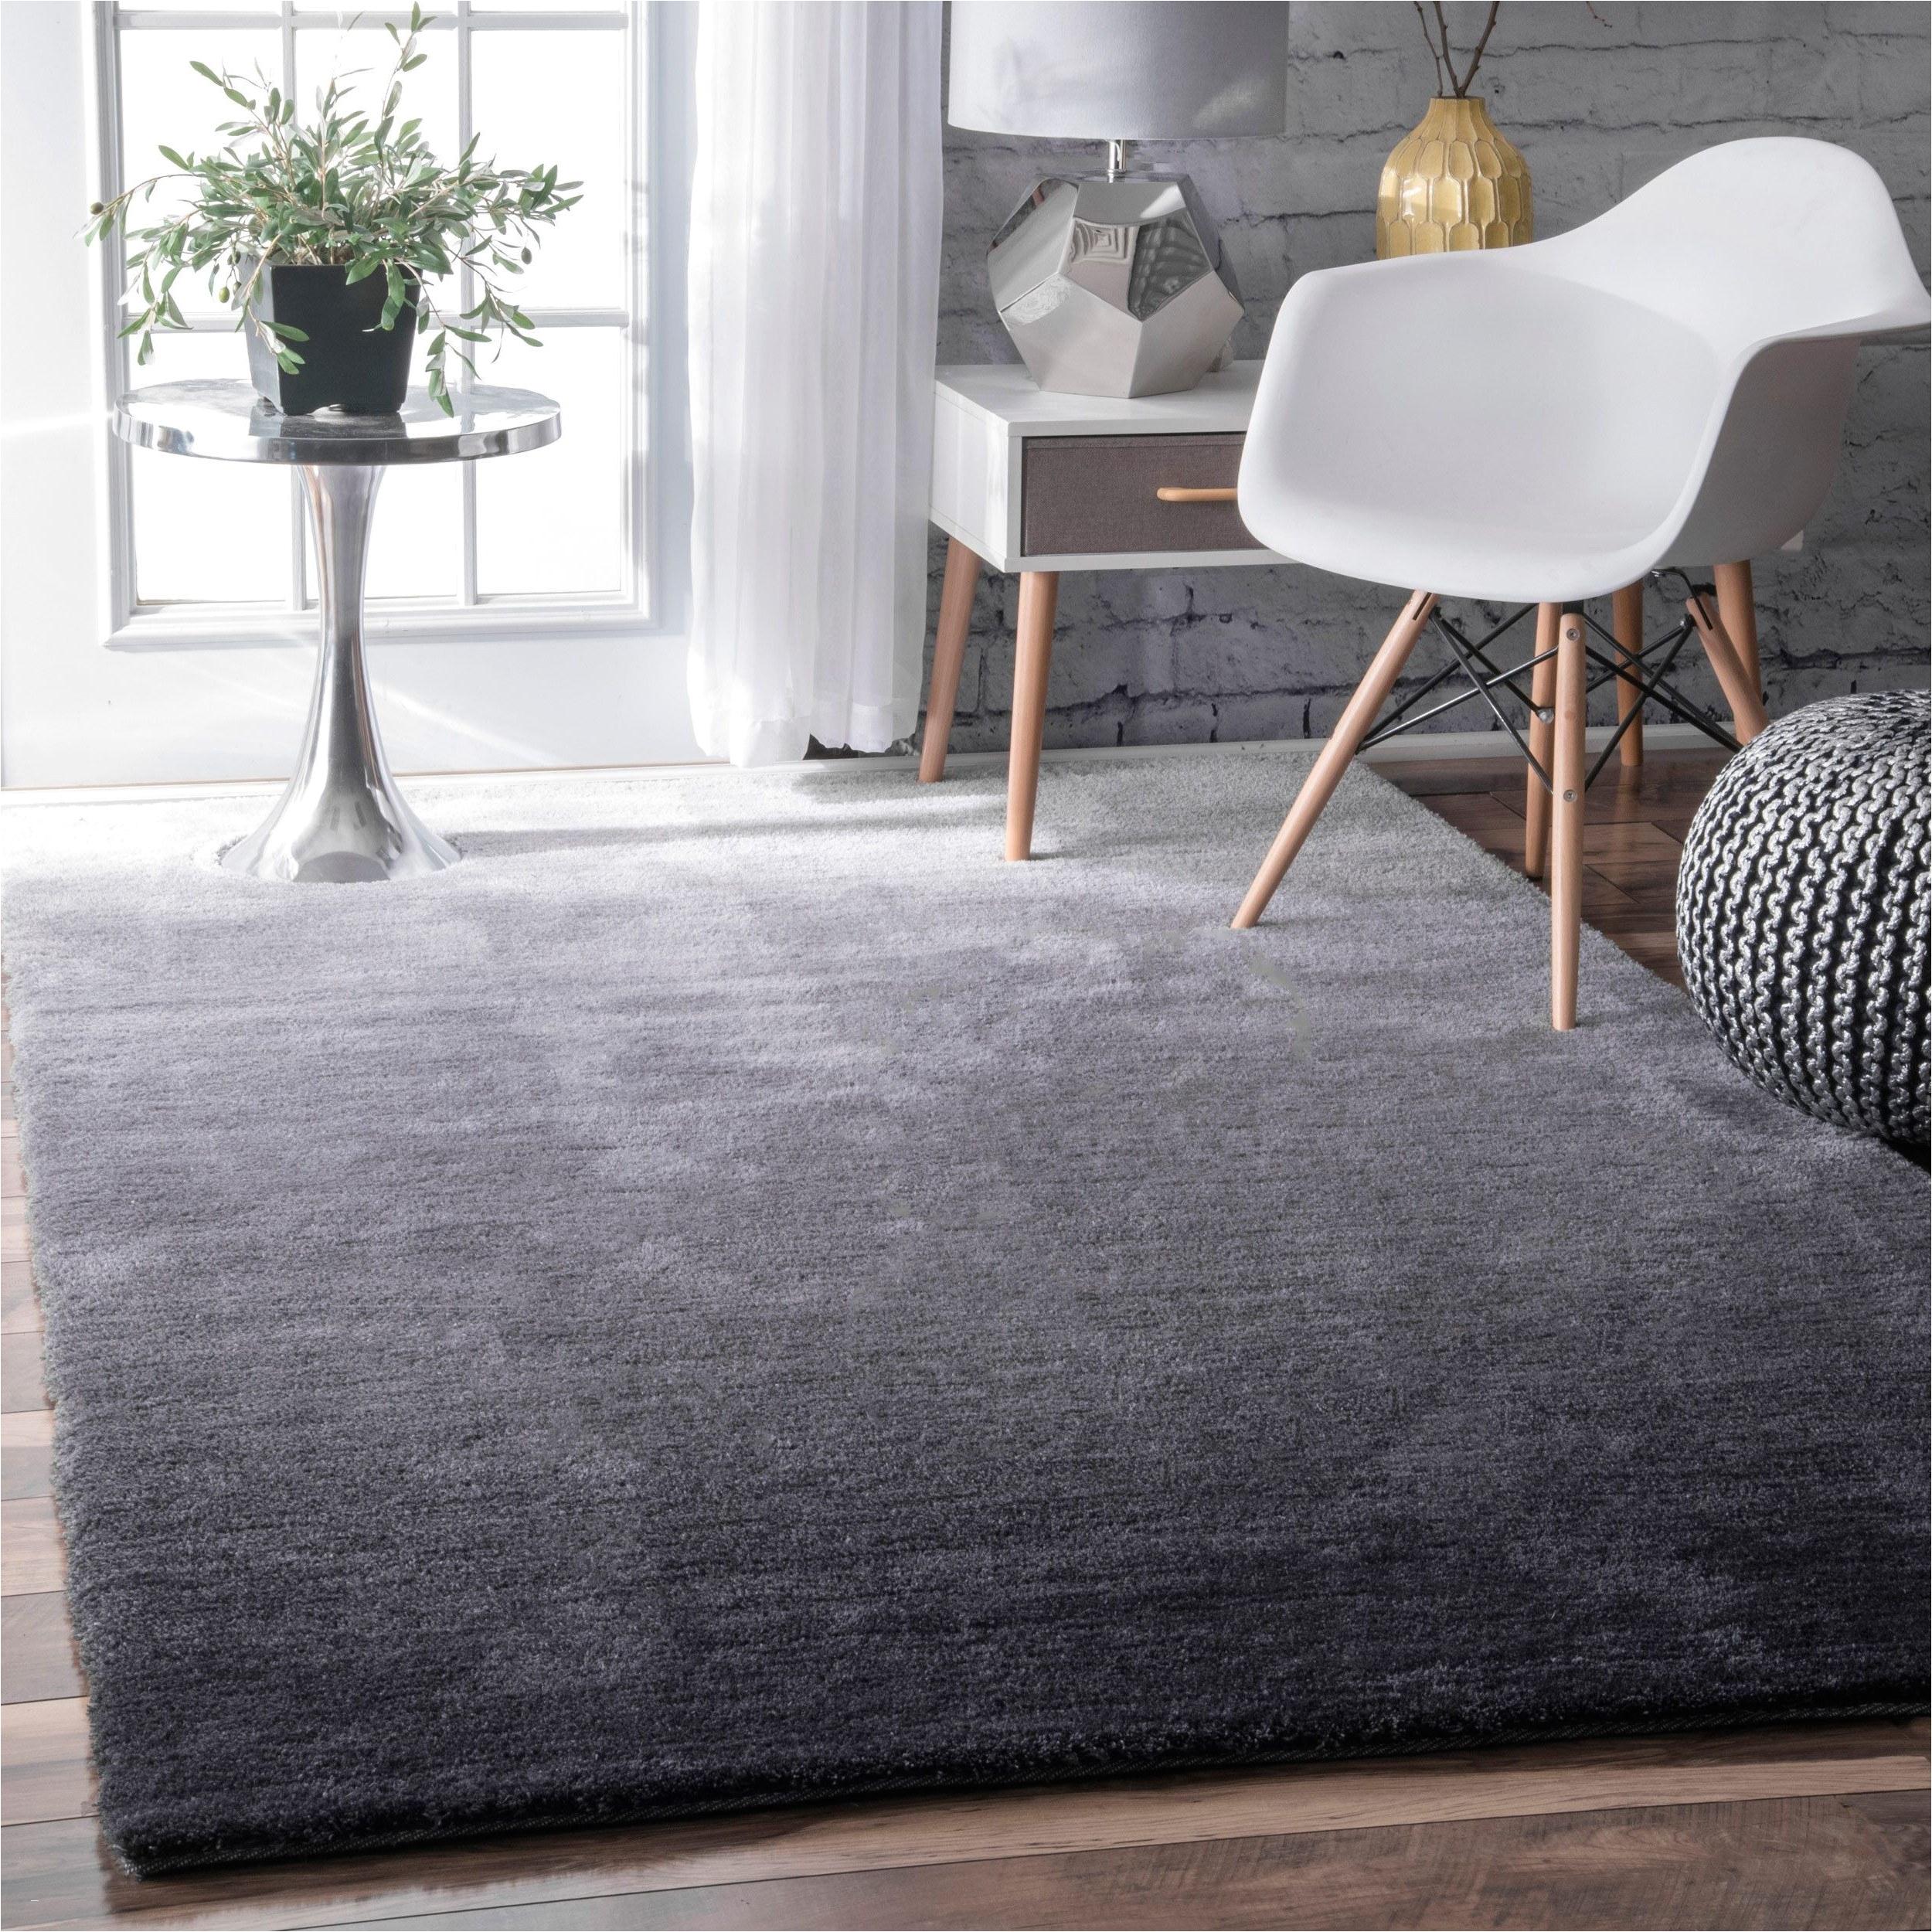 12 x 12 outdoor rug fresh lovely 12 x 12 outdoor rug outdoor